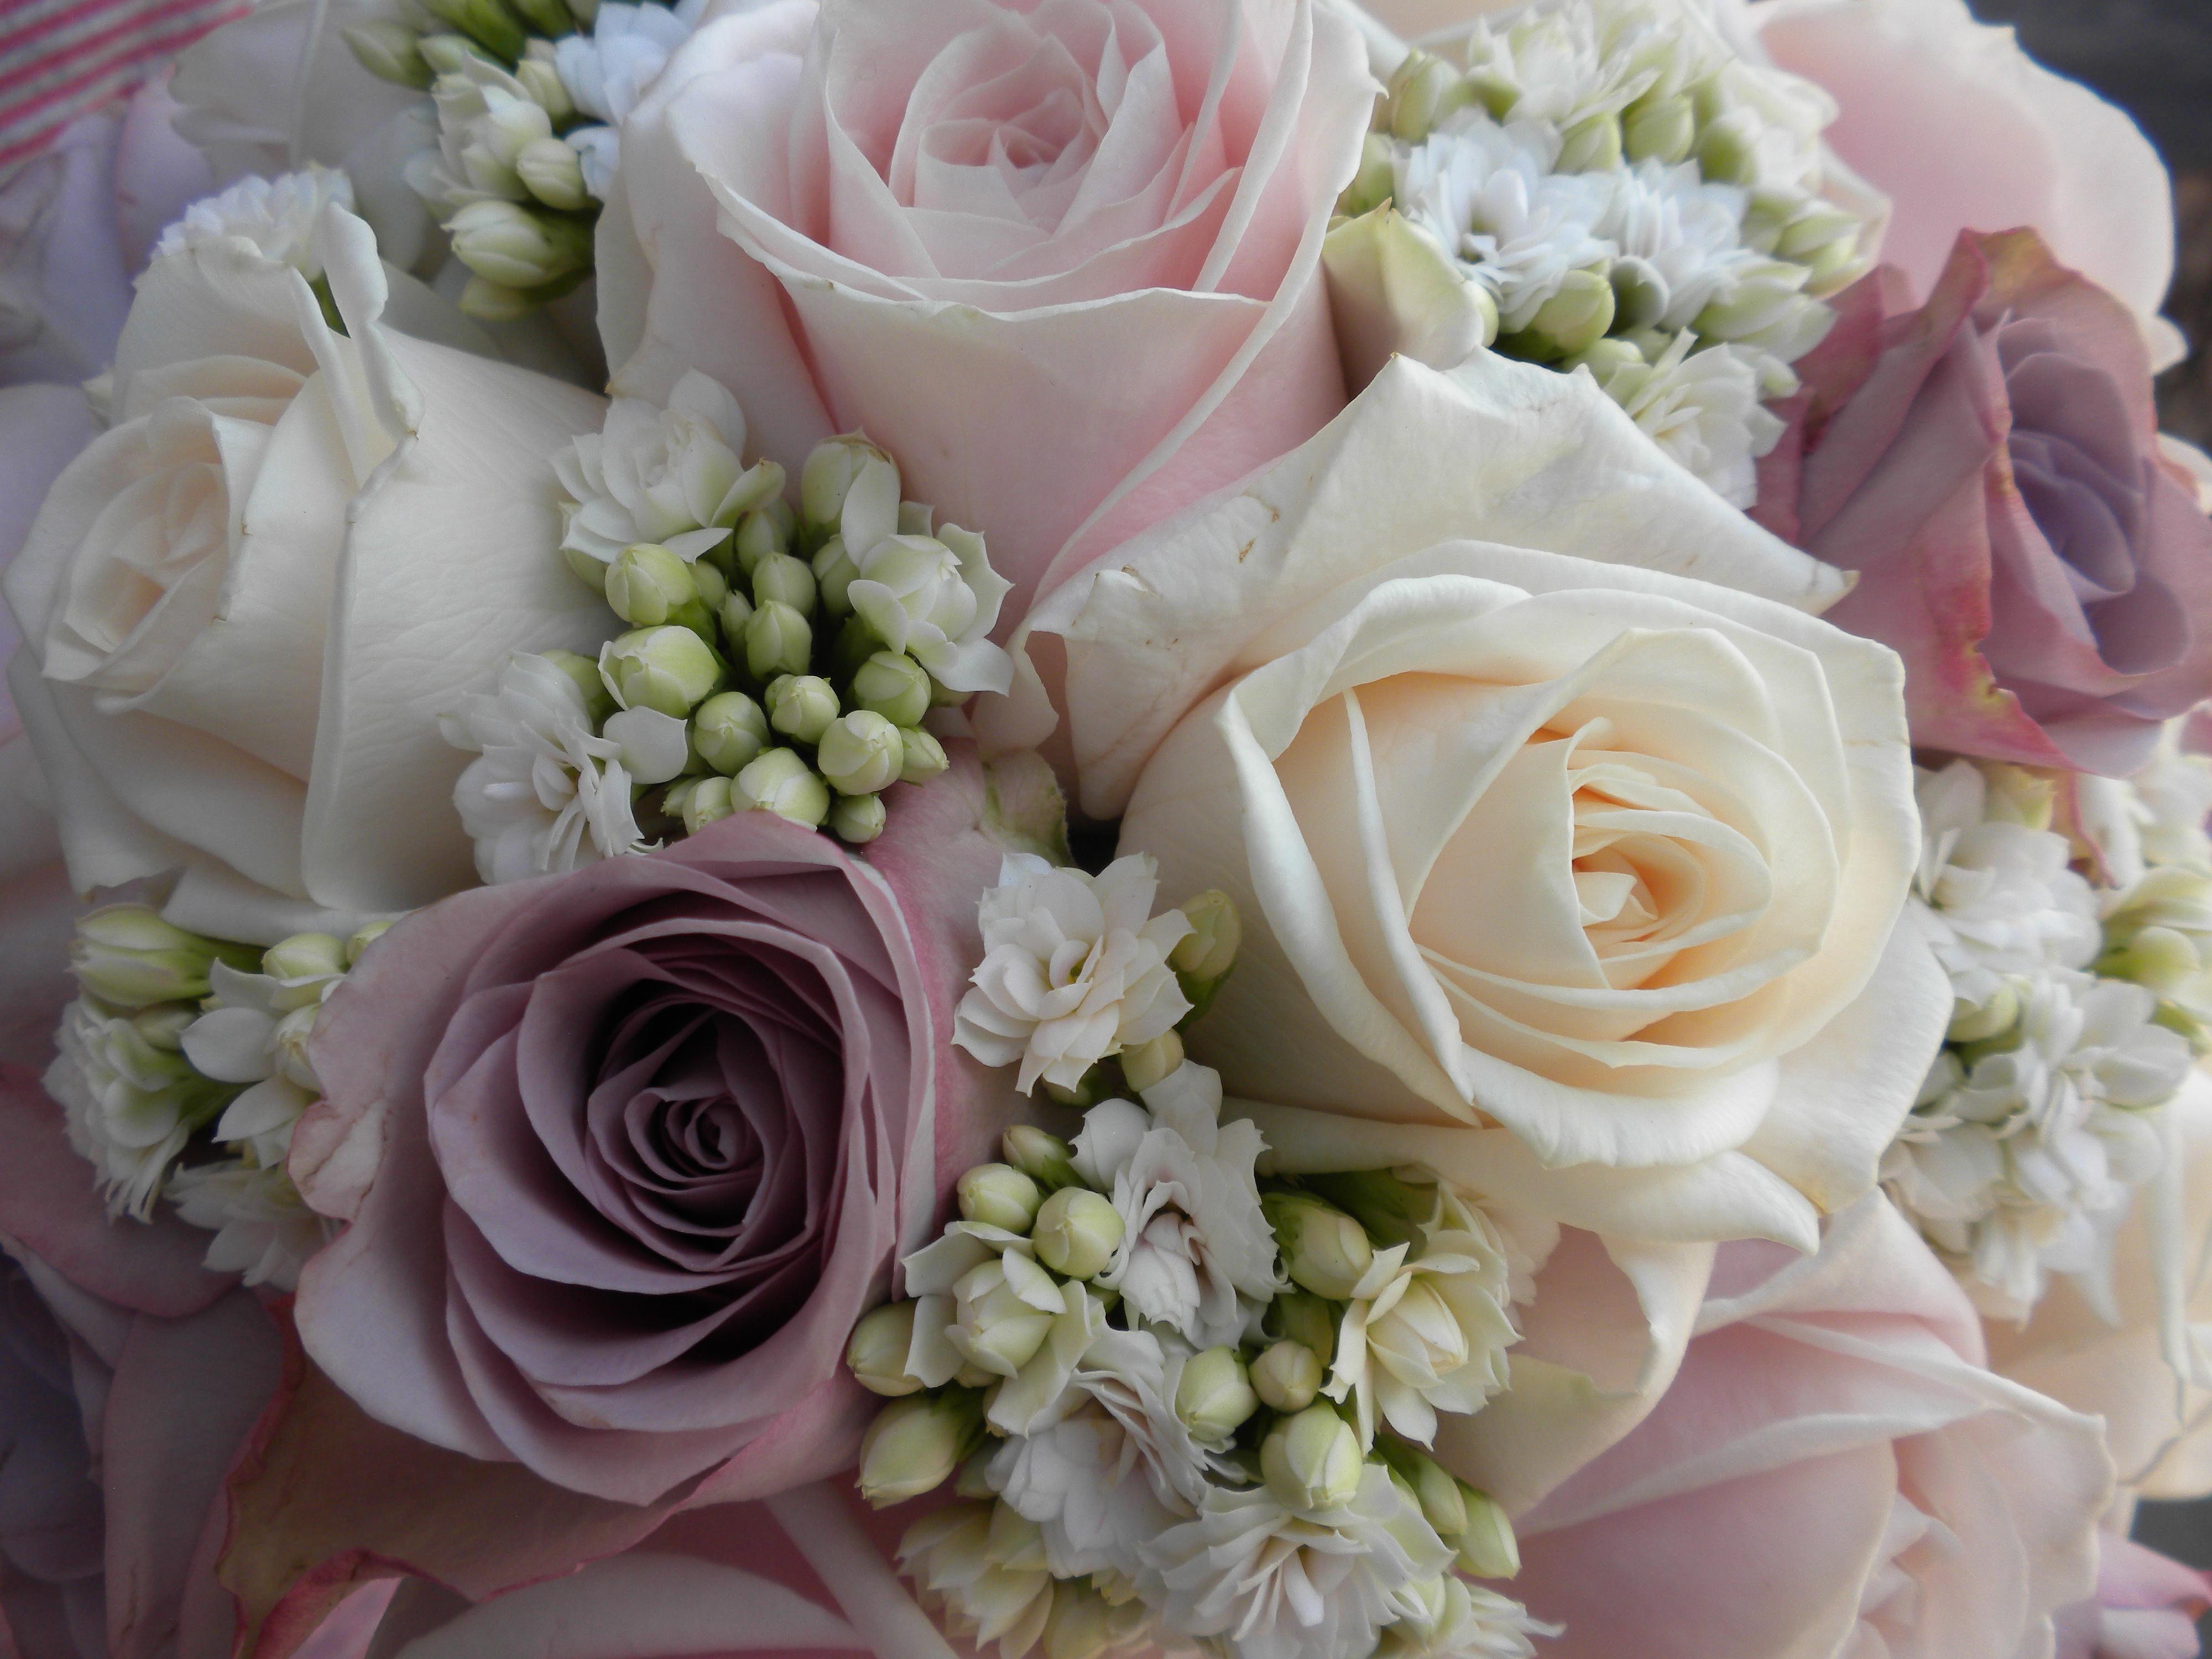 Fiori Matrimonio.Tondo Rosa Lilla Fiori Per Matrimoni Fioristeria Clerici